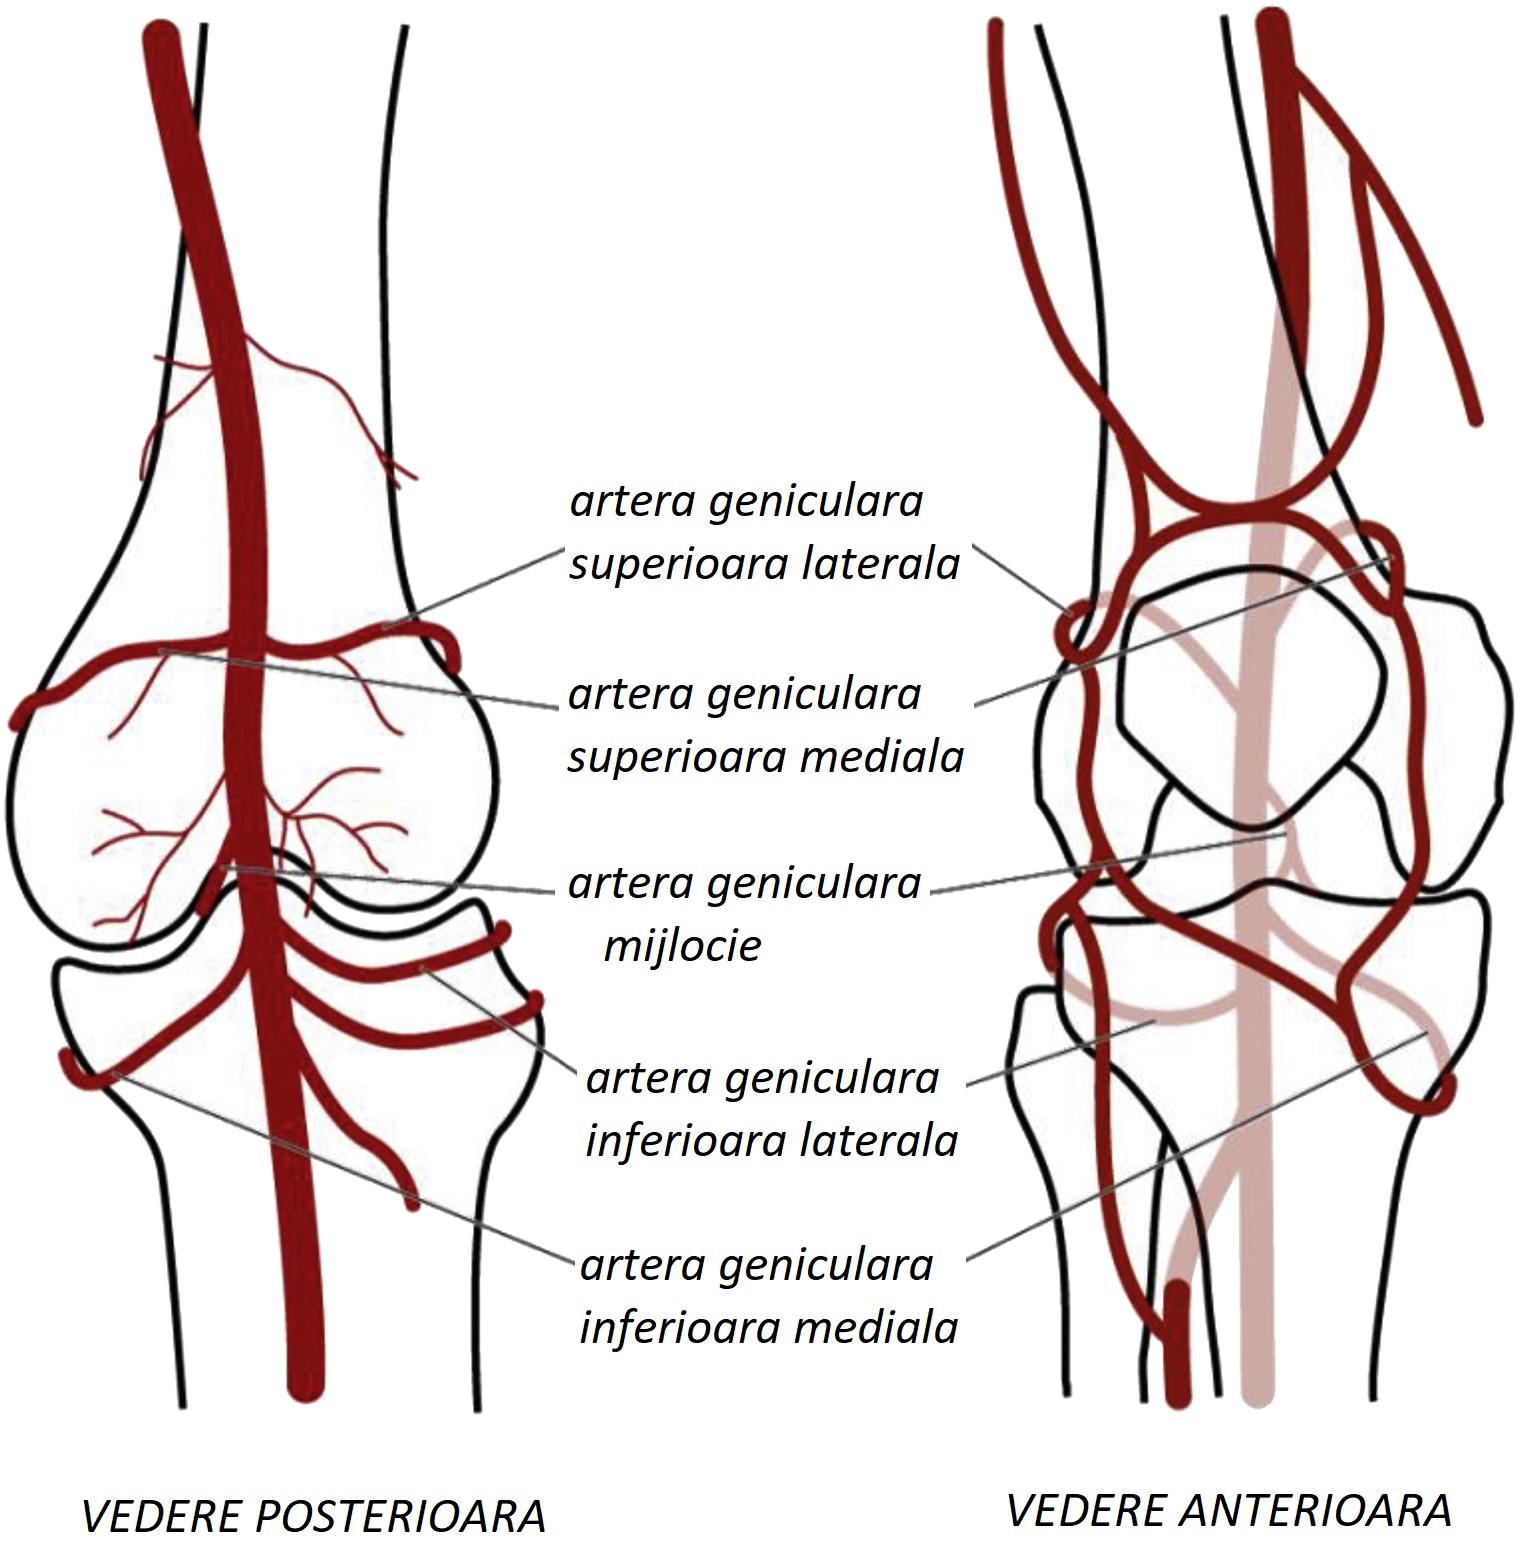 Tratament articular de ateroscleroză - cooperativadaciaunita.ro